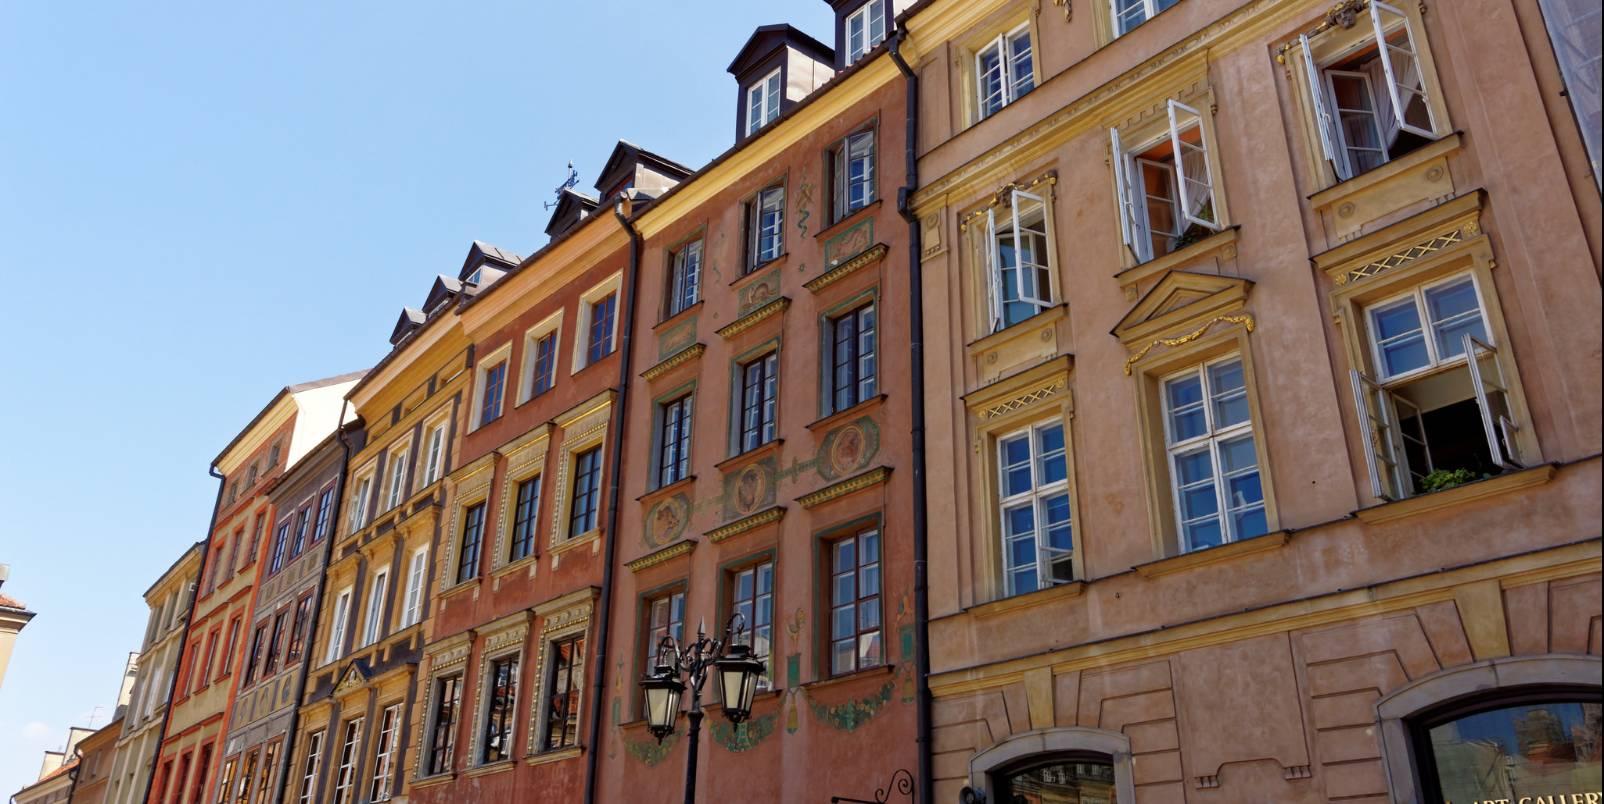 rencontres en ligne Cracovie meilleur site de rencontre pour la mi-20